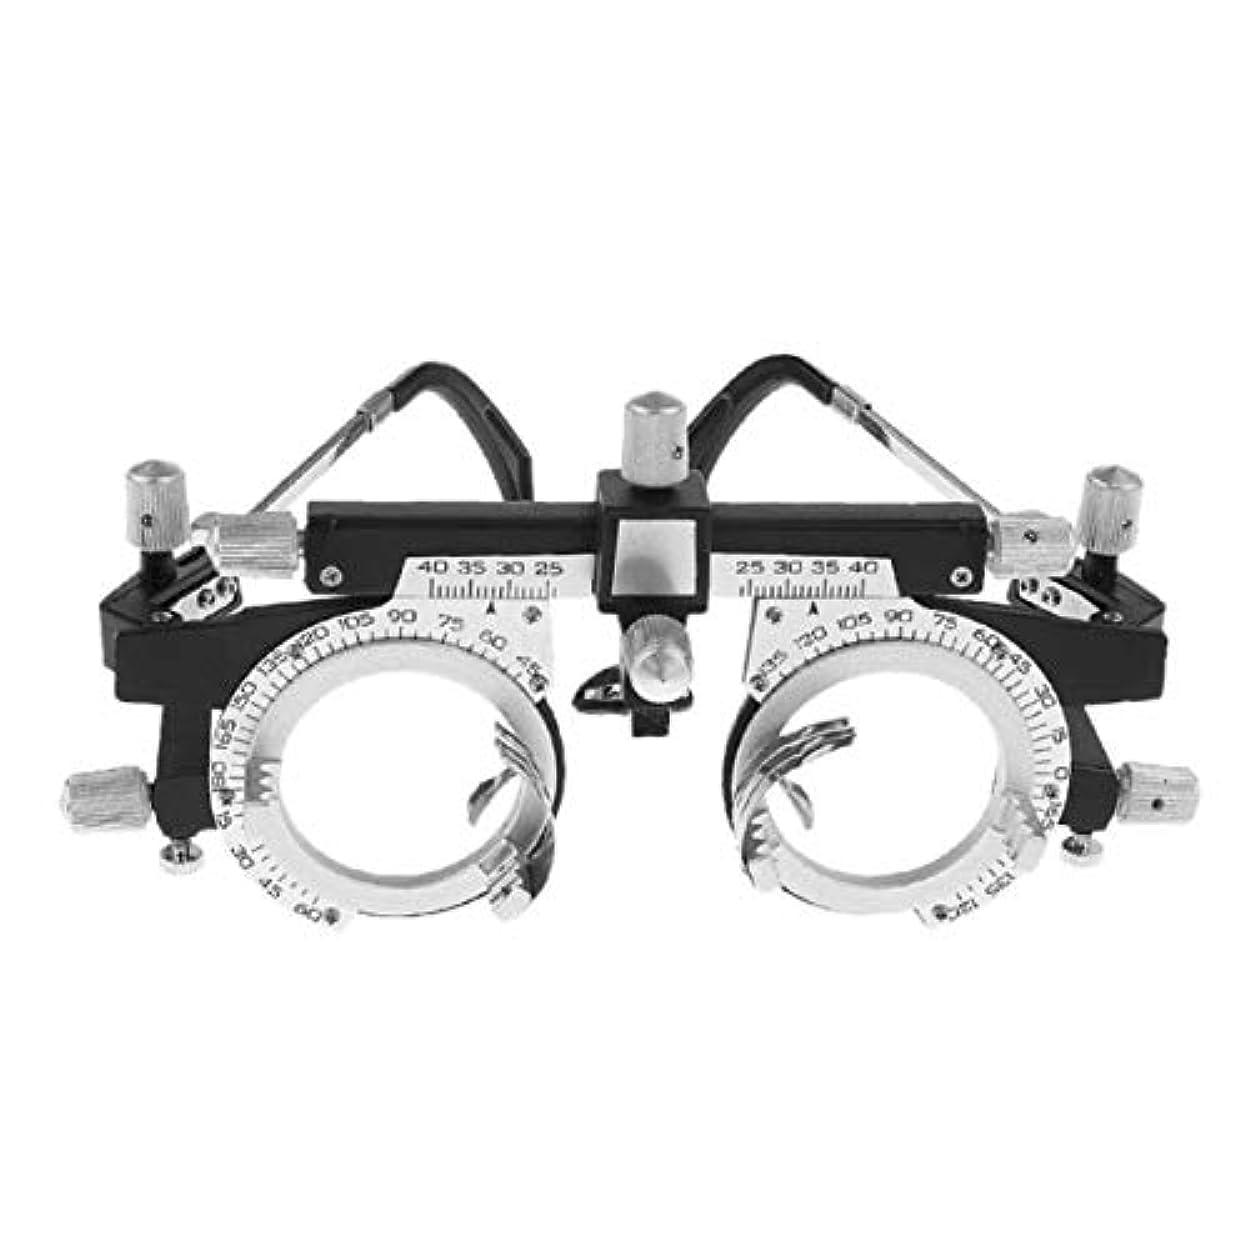 ヘルメットバイバイ飲食店調整可能なプロフェッショナルアイウェア検眼メタルフレーム光学眼鏡眼鏡トライアルレンズメタルフレームPD眼鏡アクセサリー-シルバー&ブラック